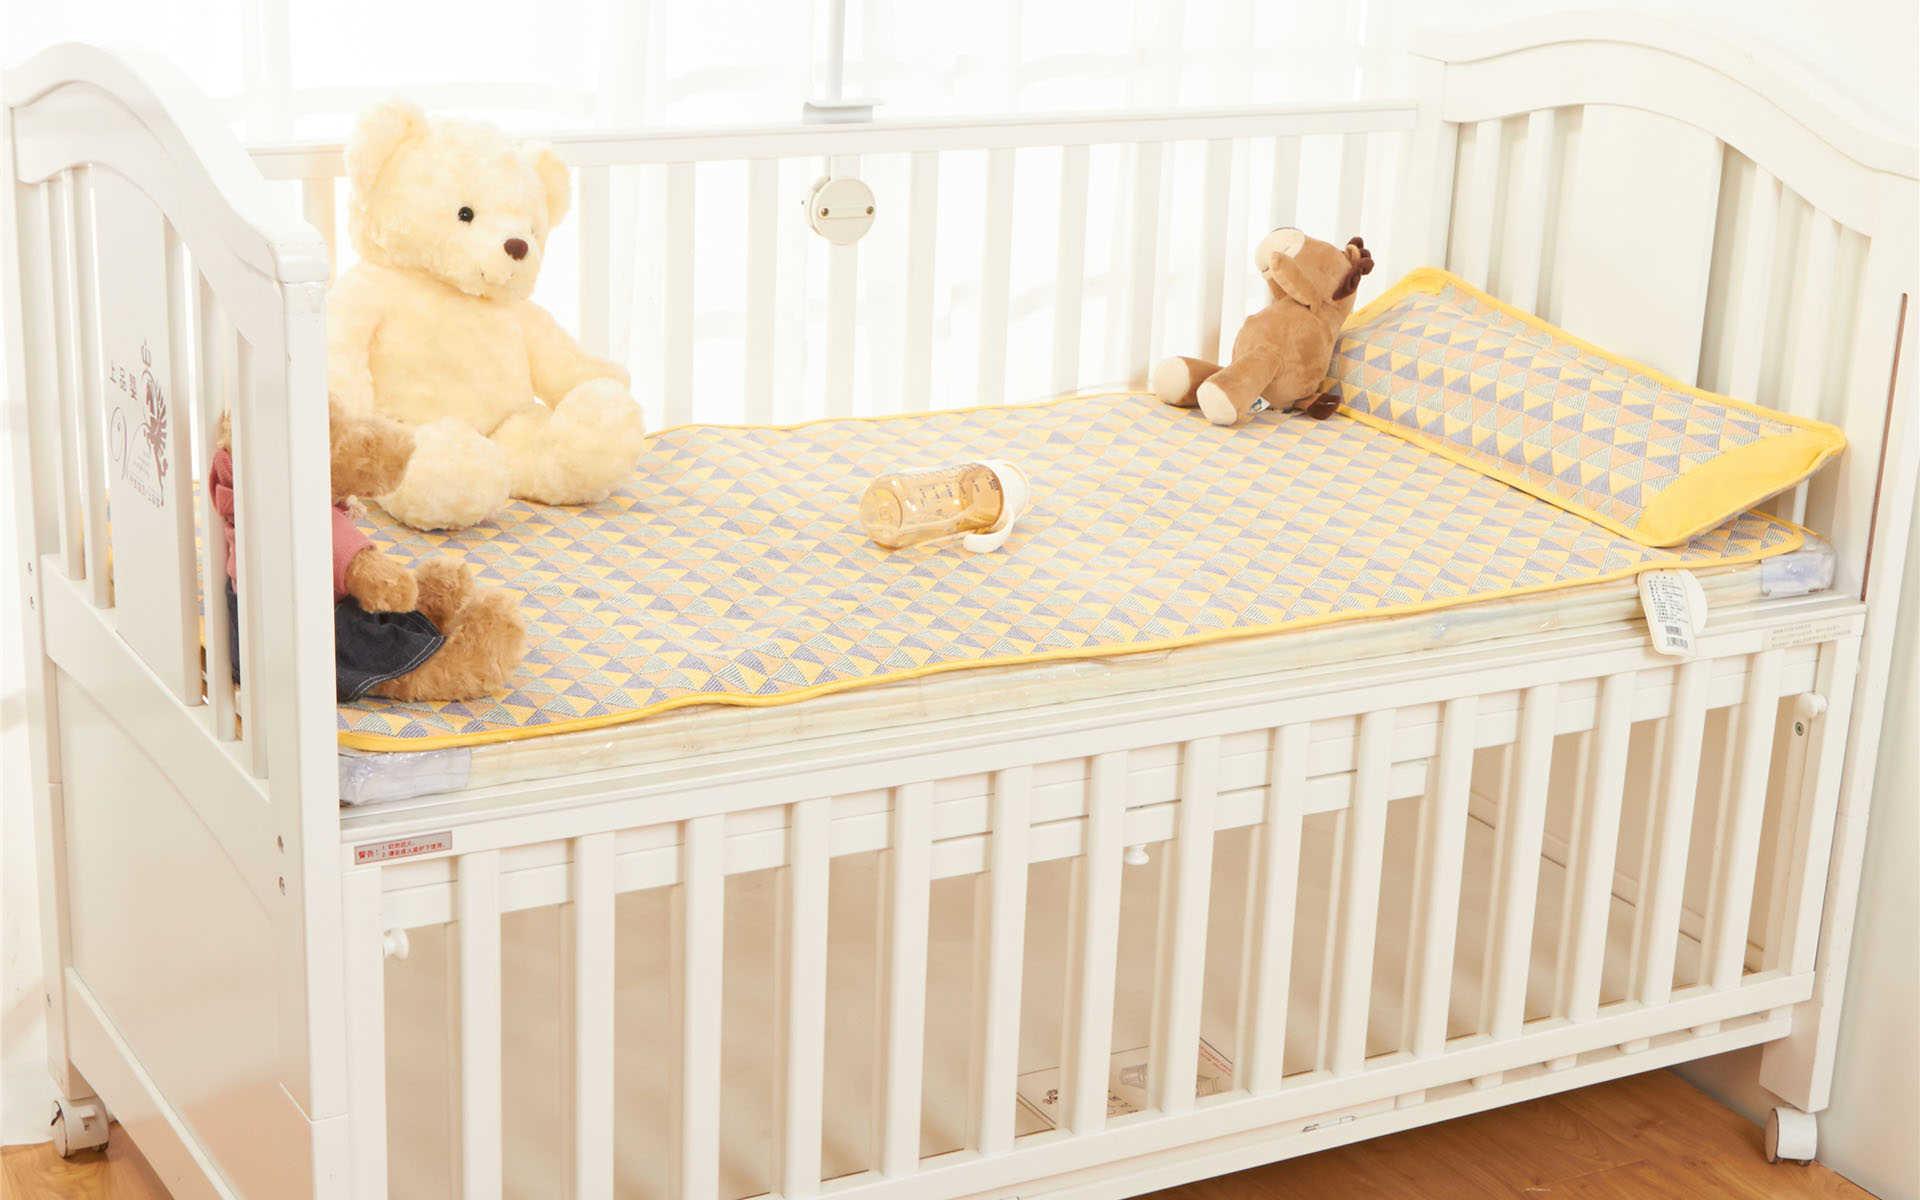 婴儿床品牌排行榜前十名_婴儿床哪个牌子好